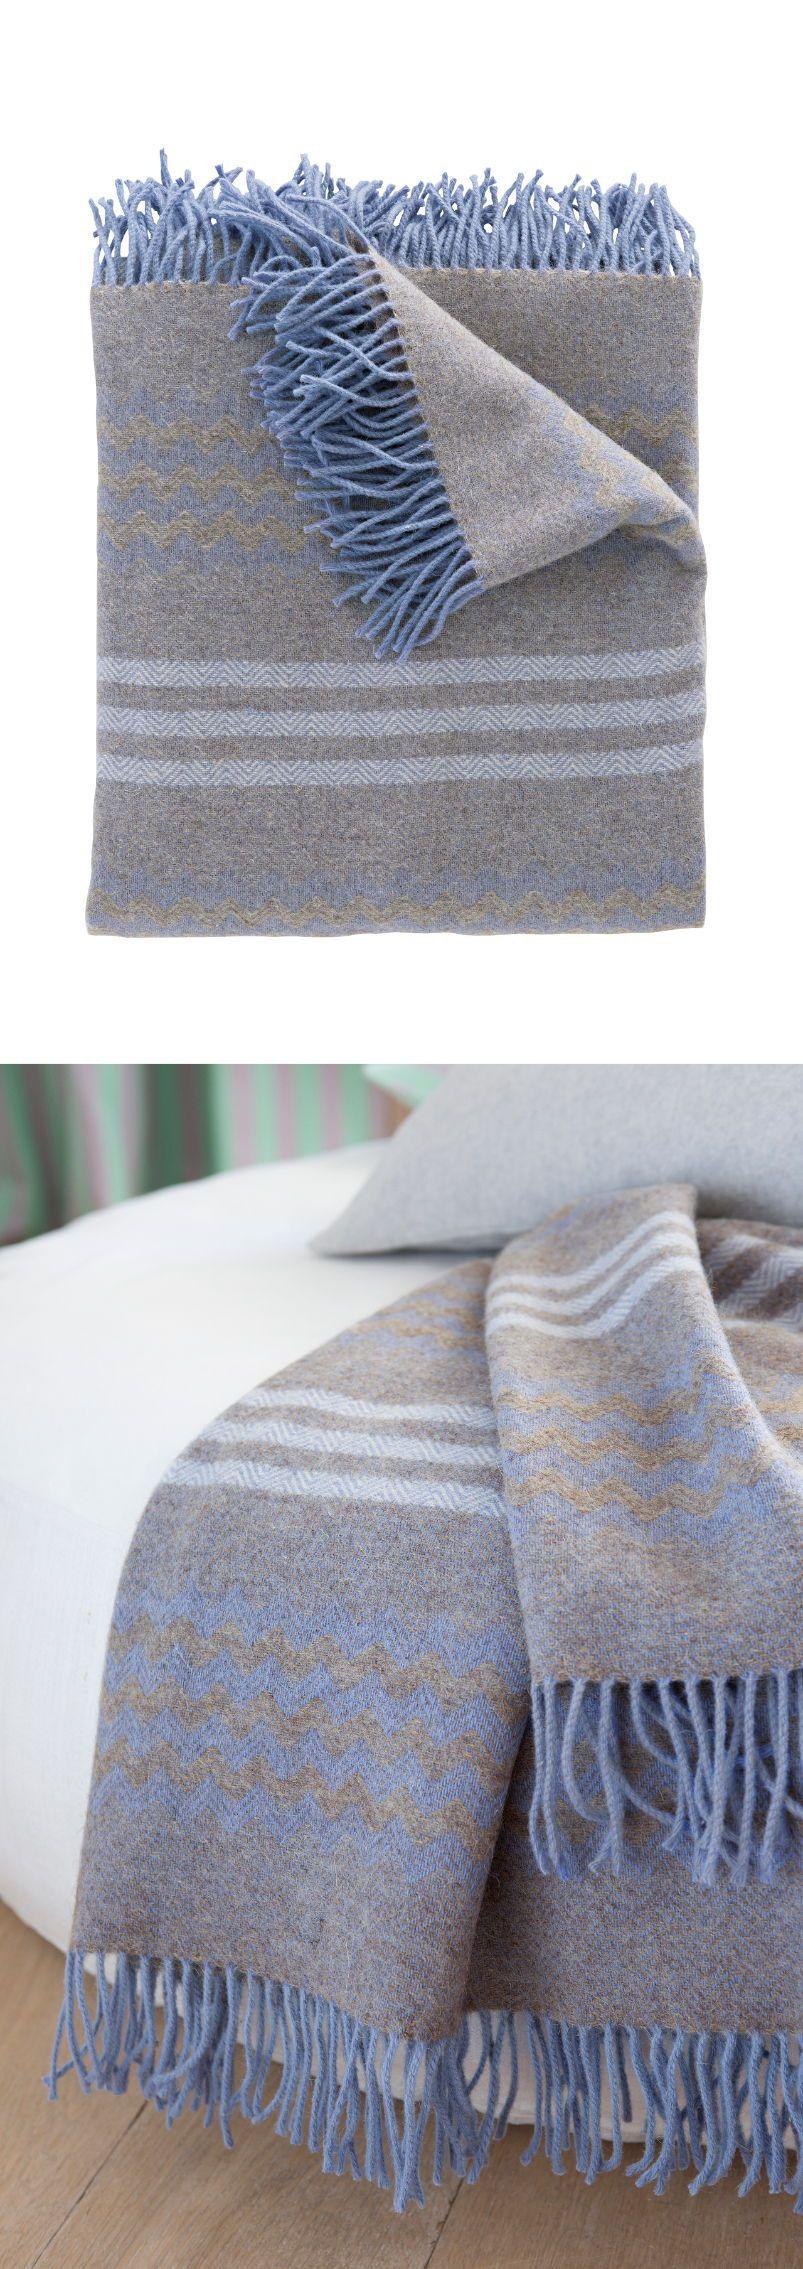 Wolldecke Blau Grau Blau Grau Wolldecke Und Teppich Grun